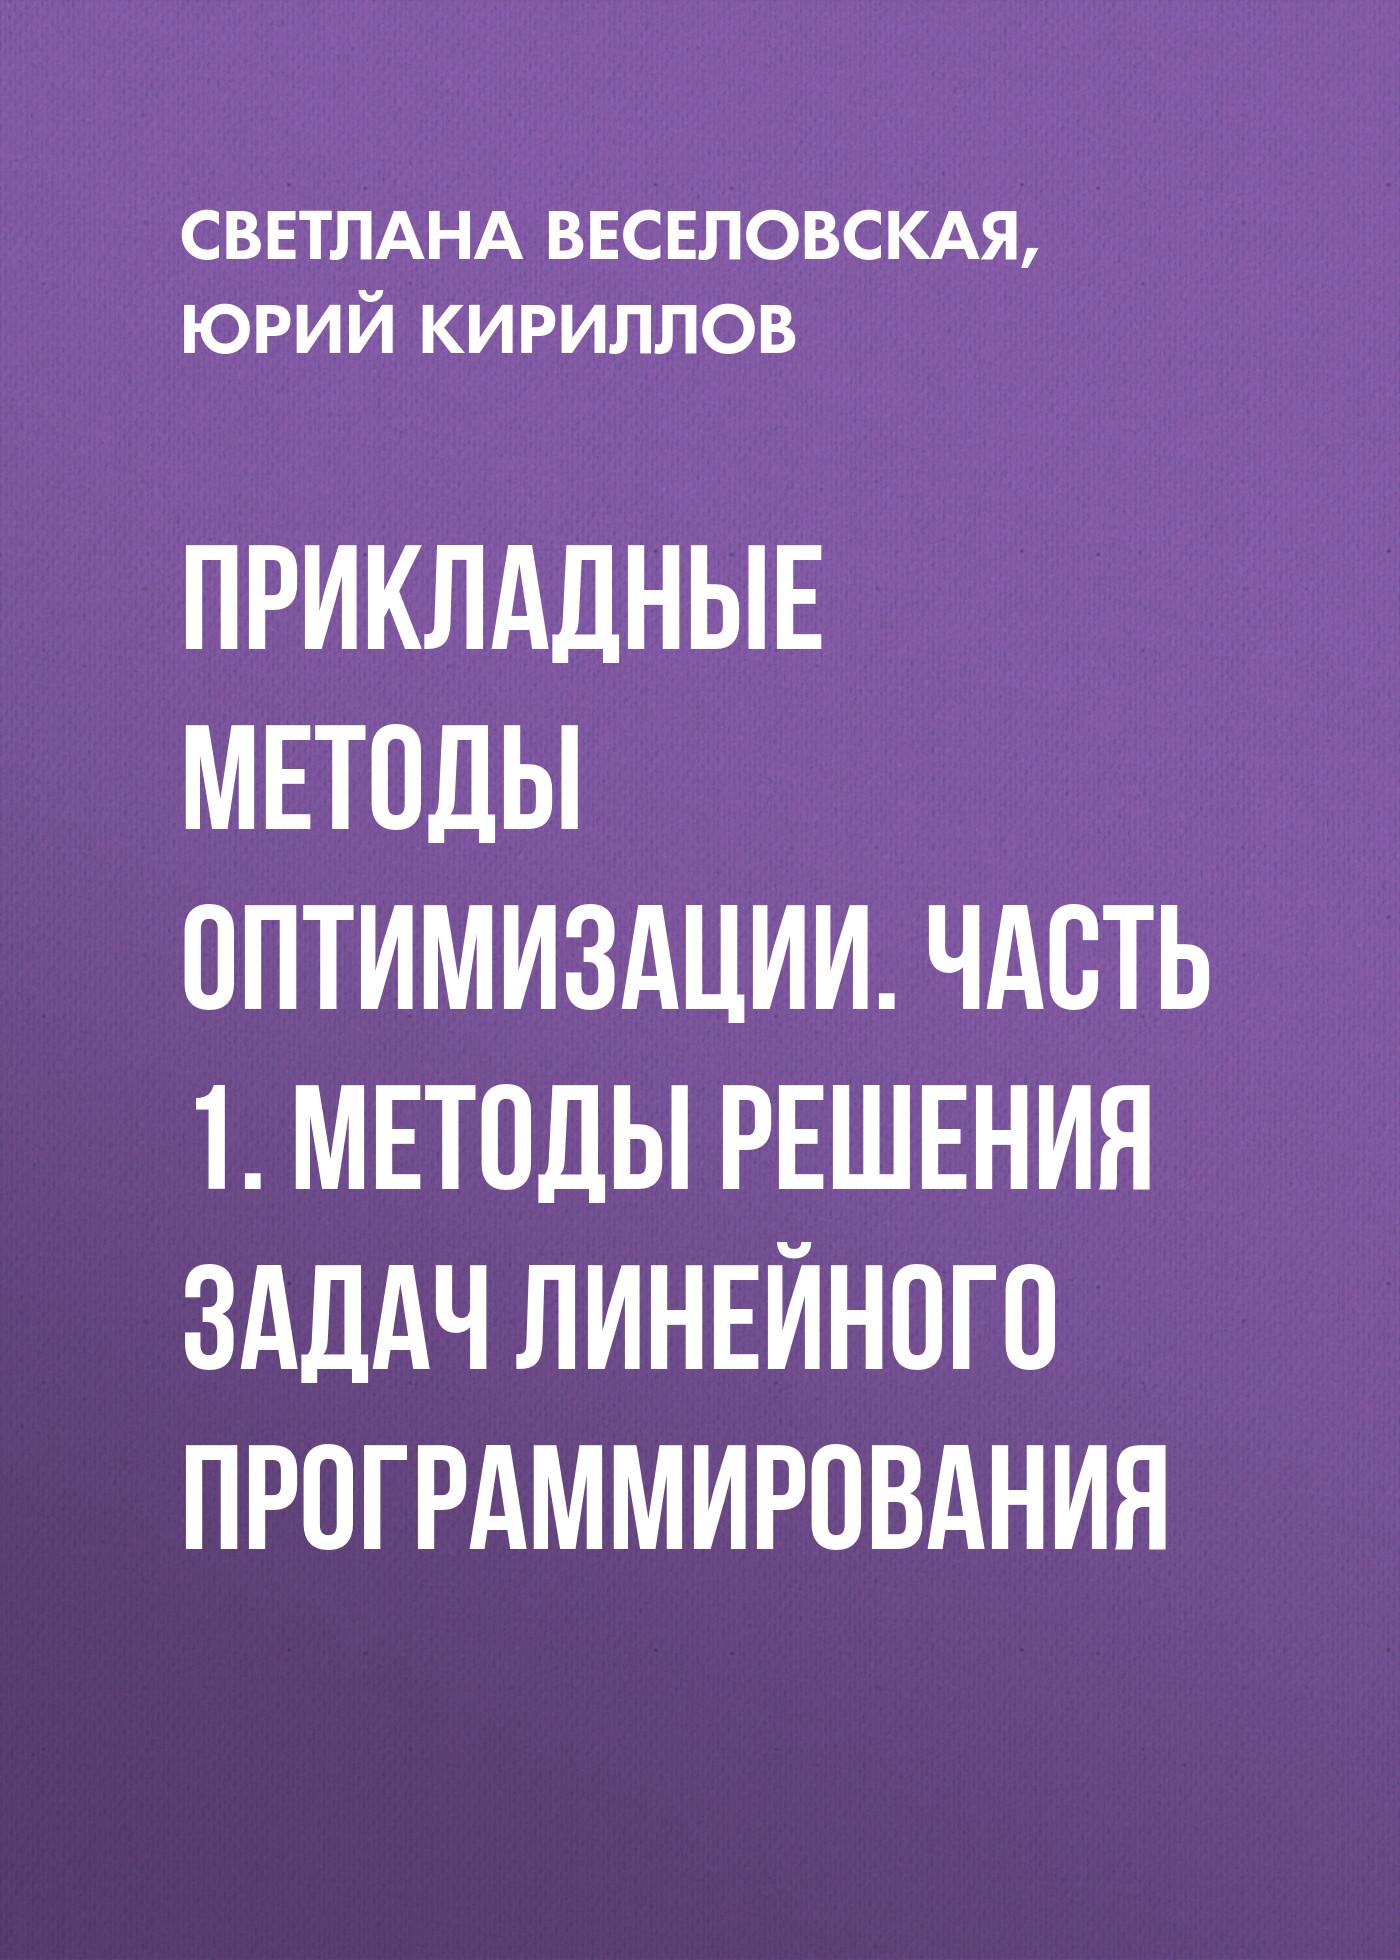 Юрий Кириллов Прикладные методы оптимизации. Часть 1. Методы решения задач линейного программирования цены